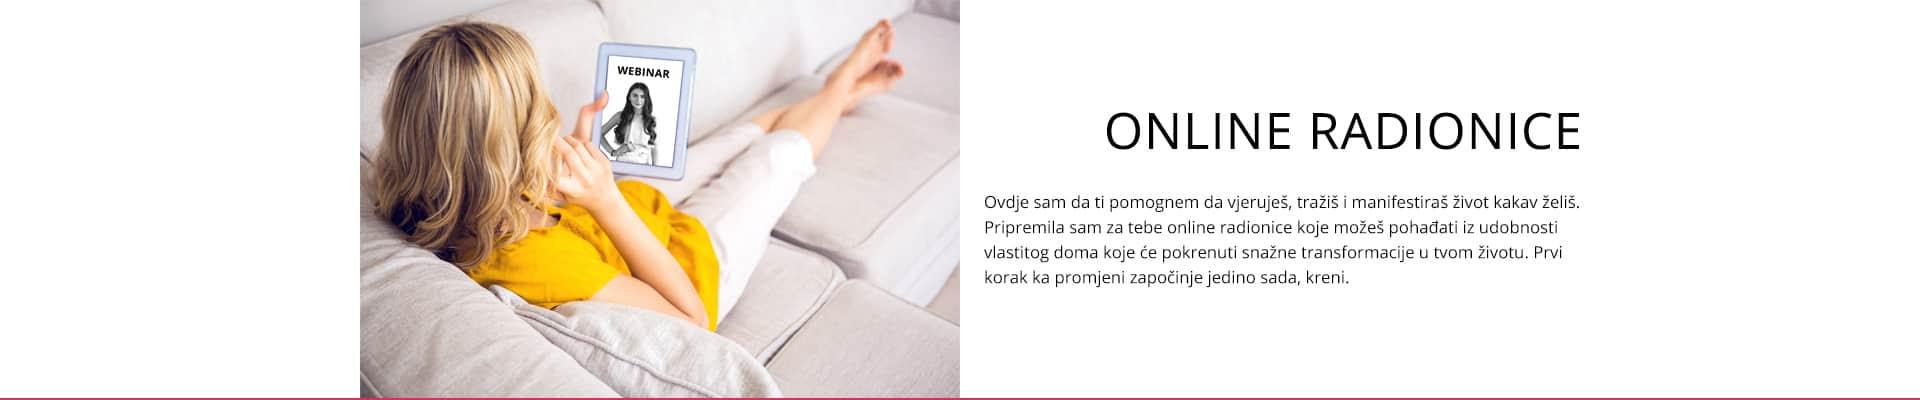 Petra Cutuk Vjeruj Traži Manifestiraj Zdravlje Meditacija Vježbe Disanja Samopouzdanje Posao Online Radionica